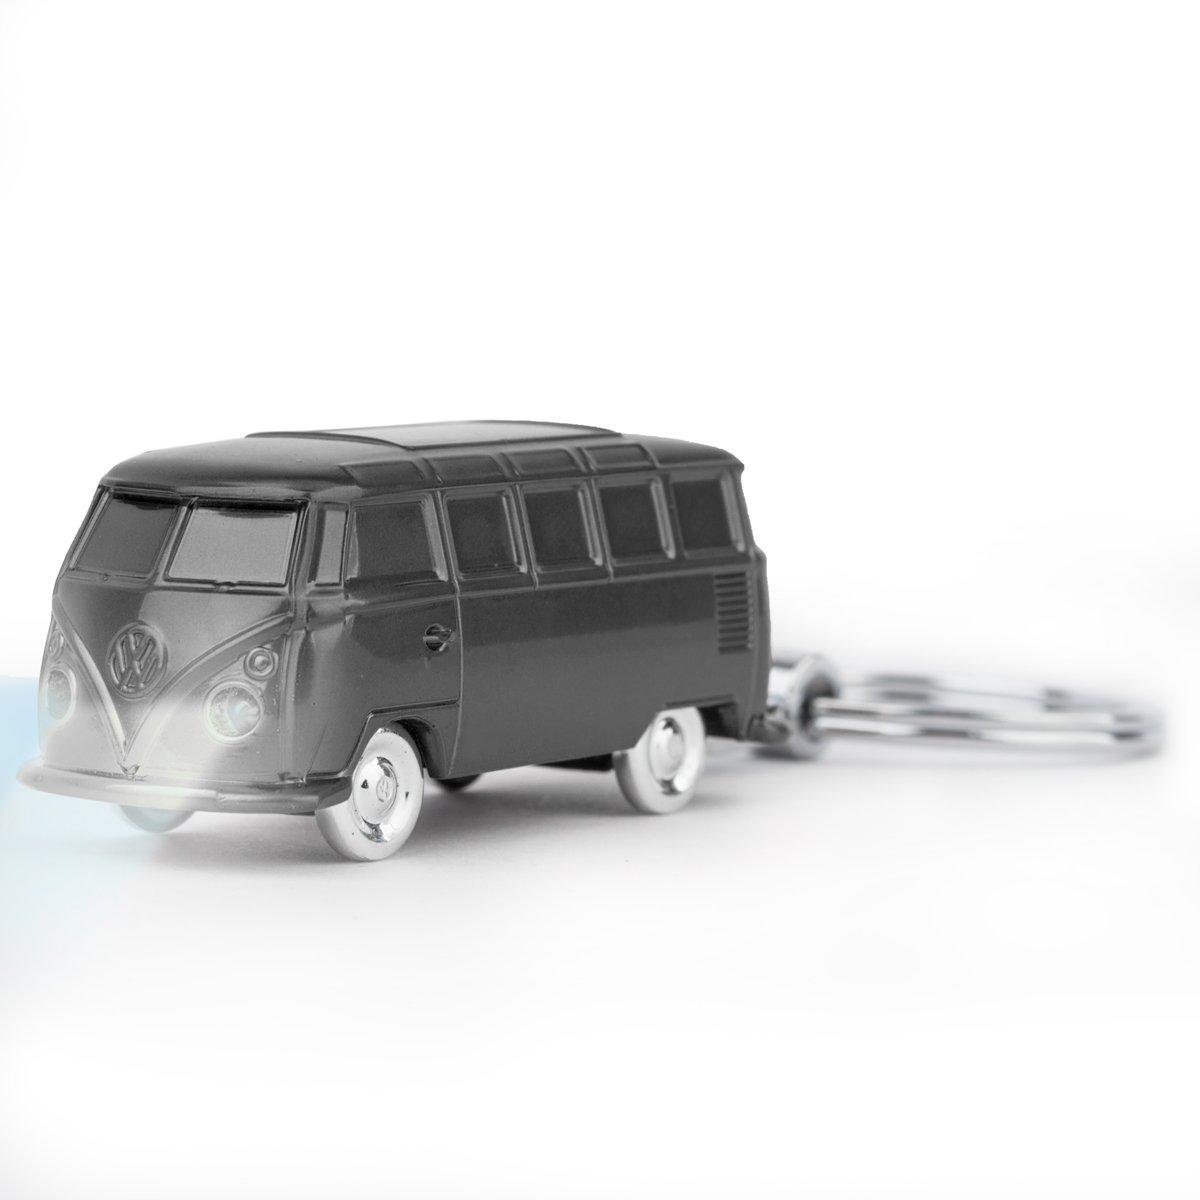 VW Bulli LED-Schlü sselanhä nger Auto Kult (1962), grau, mit Licht, Kyechain Oramics